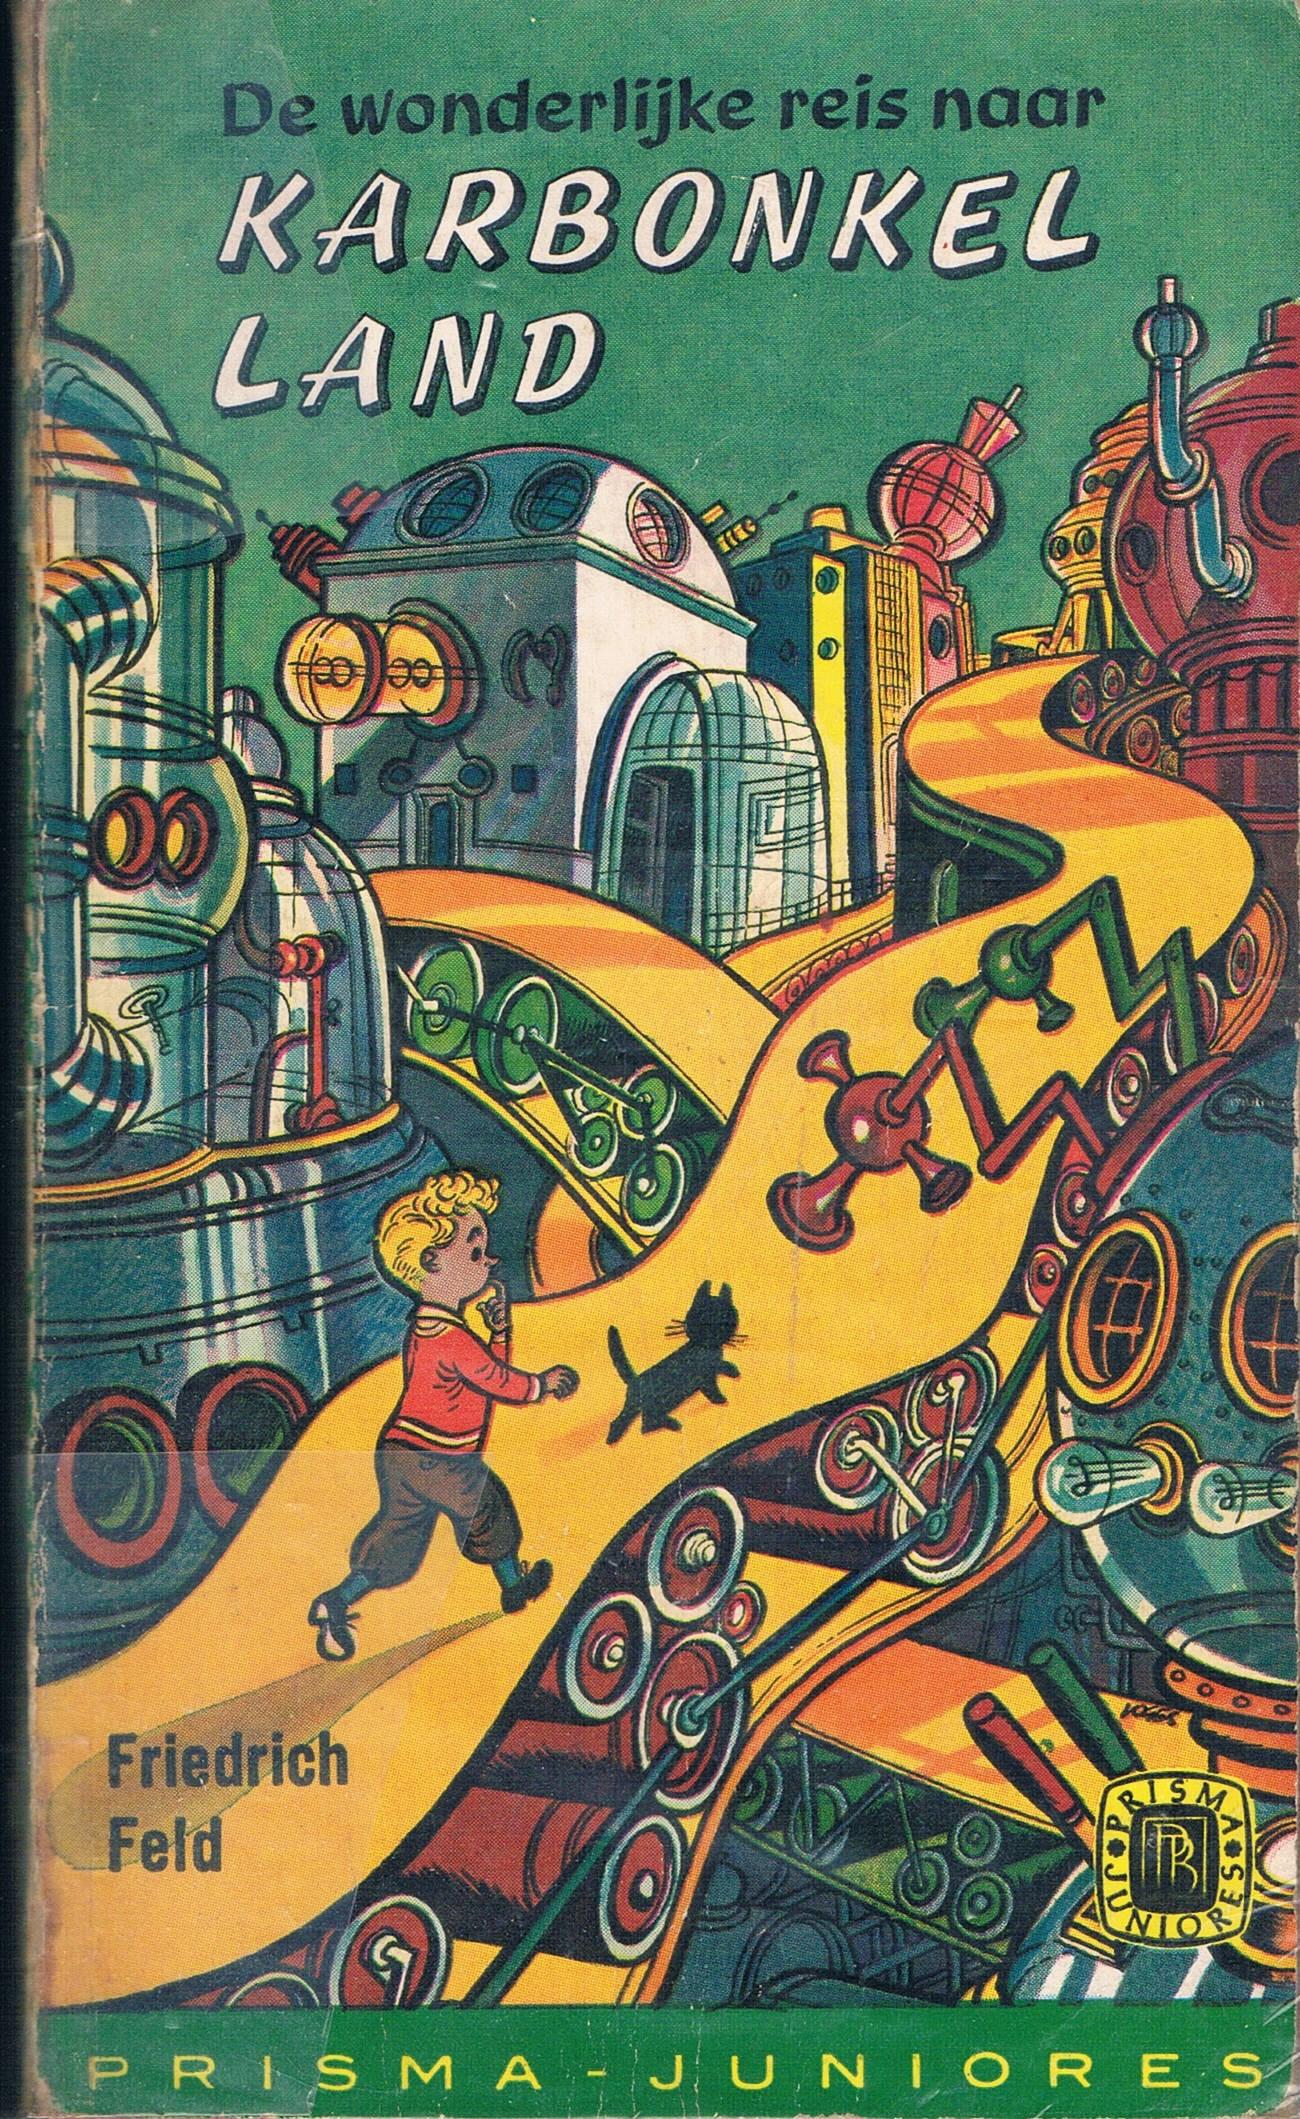 De wonderlijke reis naar Karbonkelland  by  Friedrich Feld